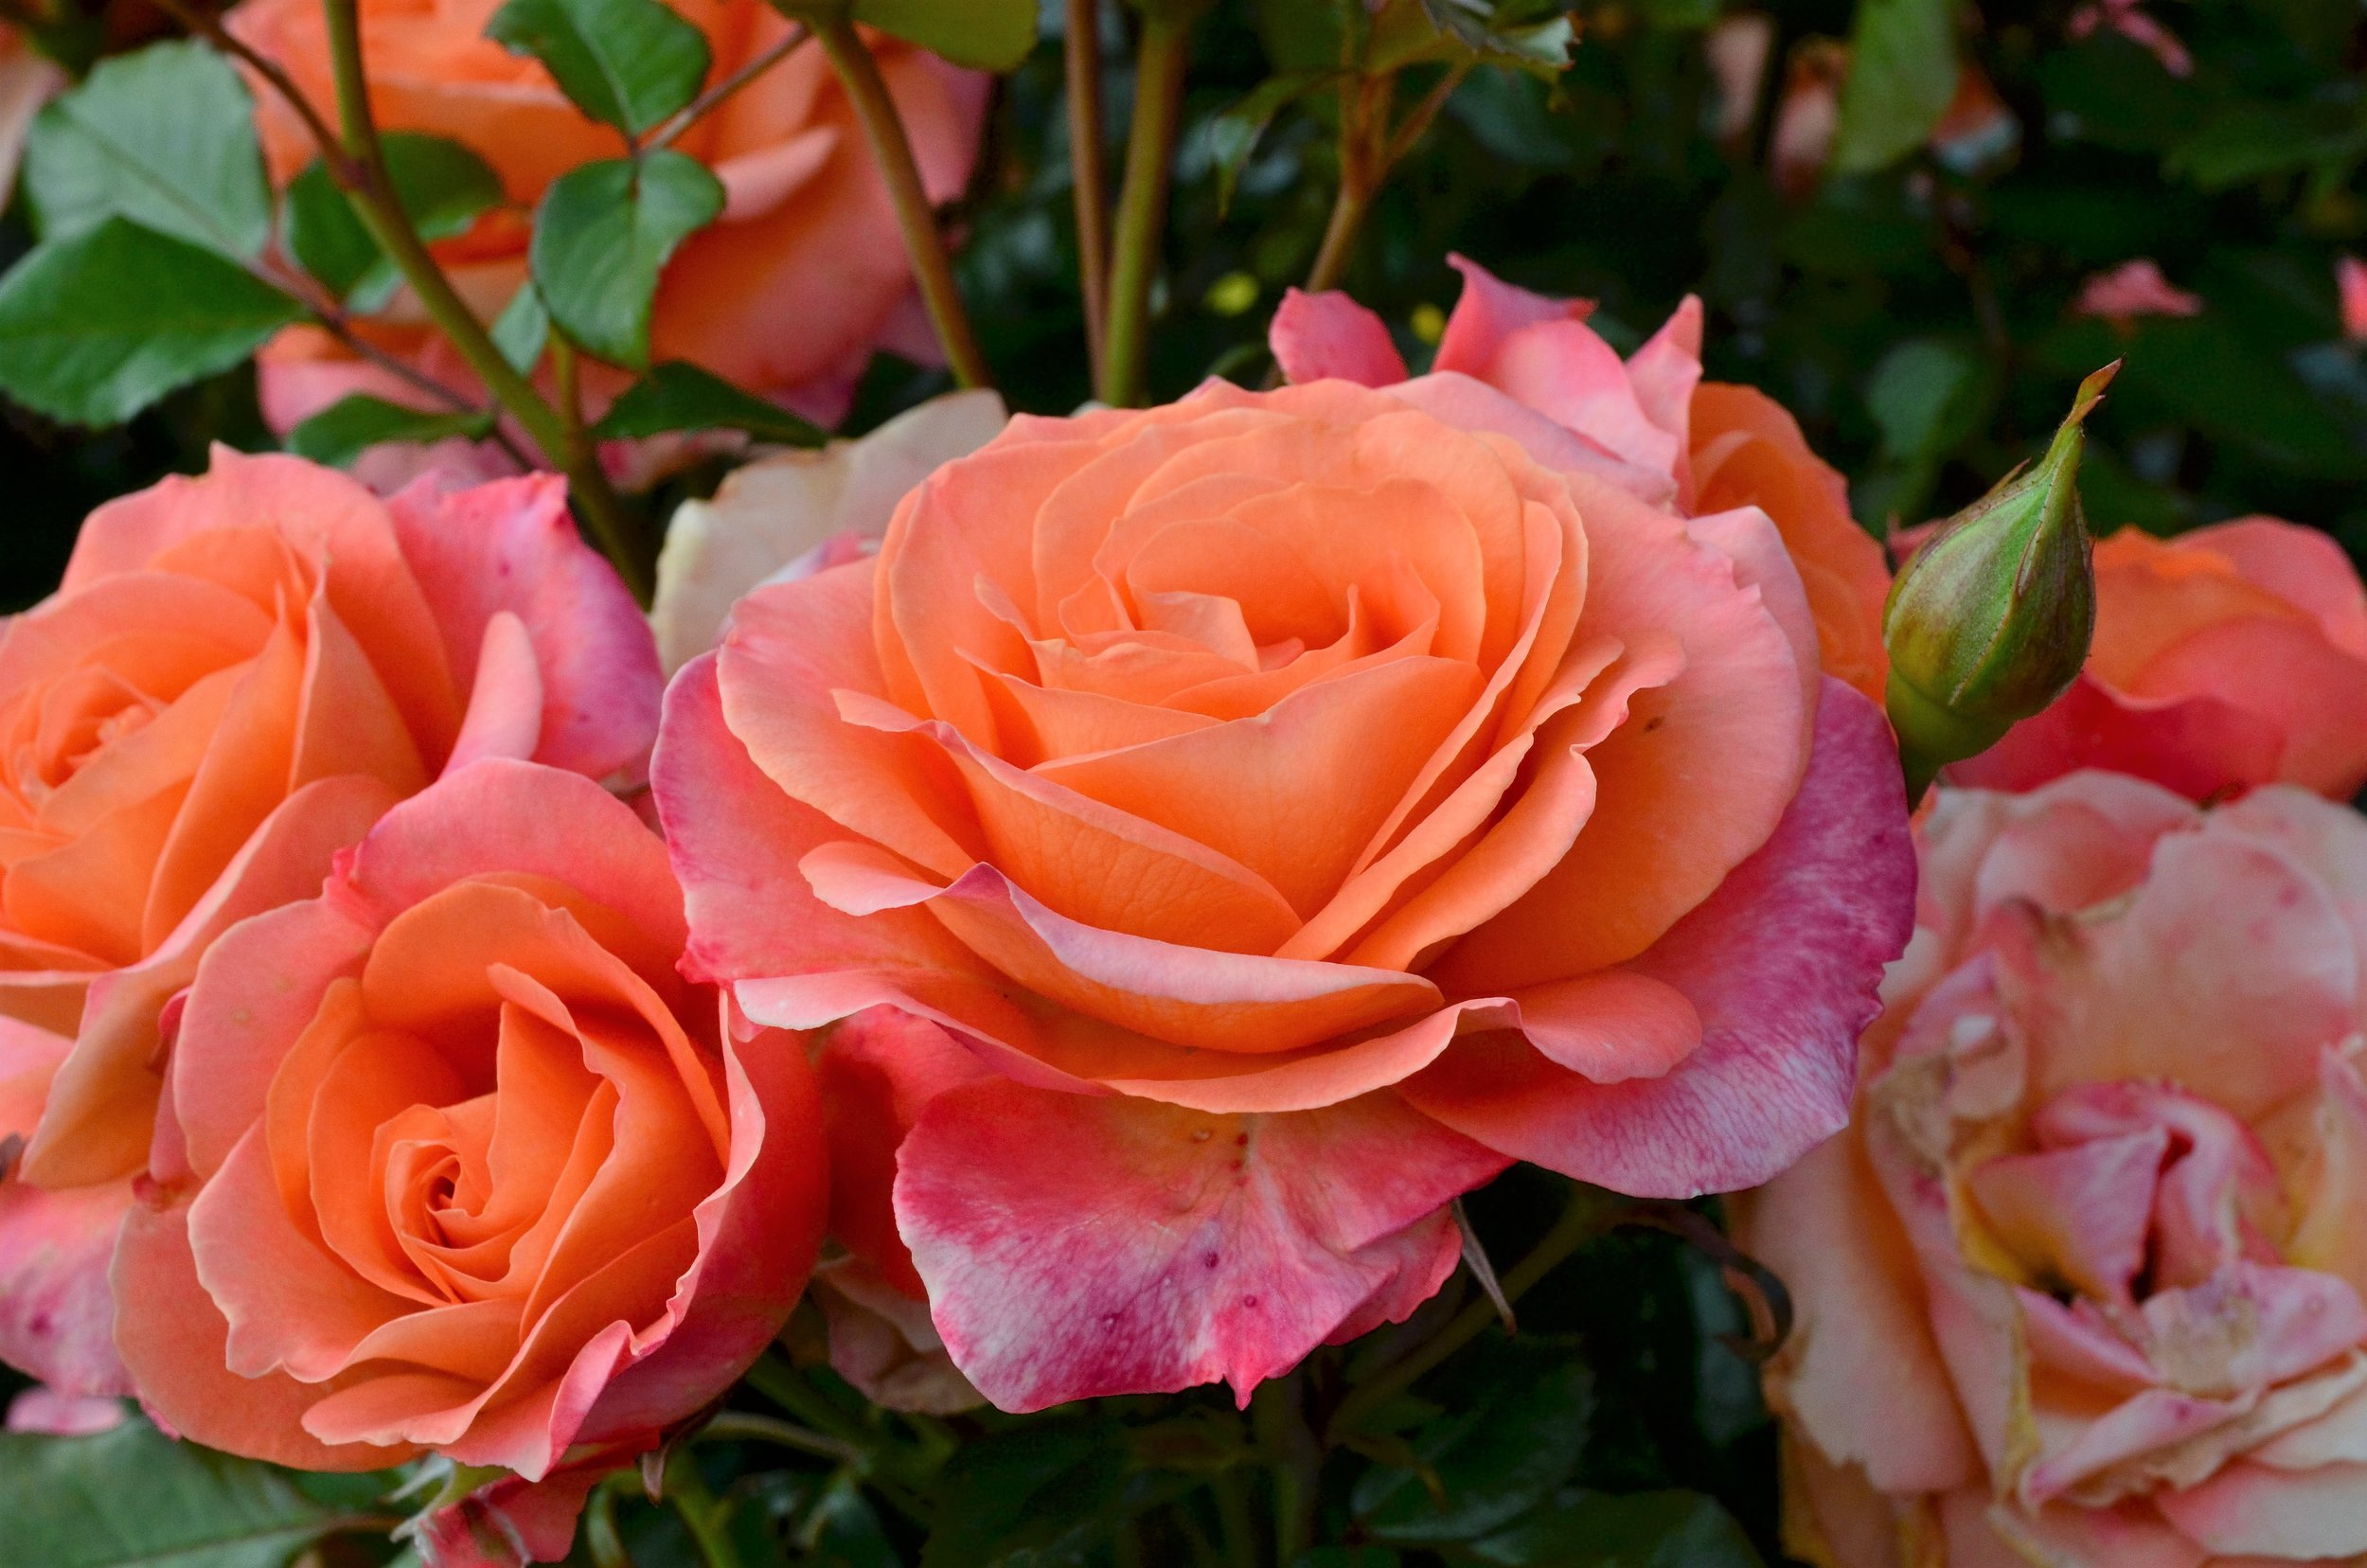 Rose #16